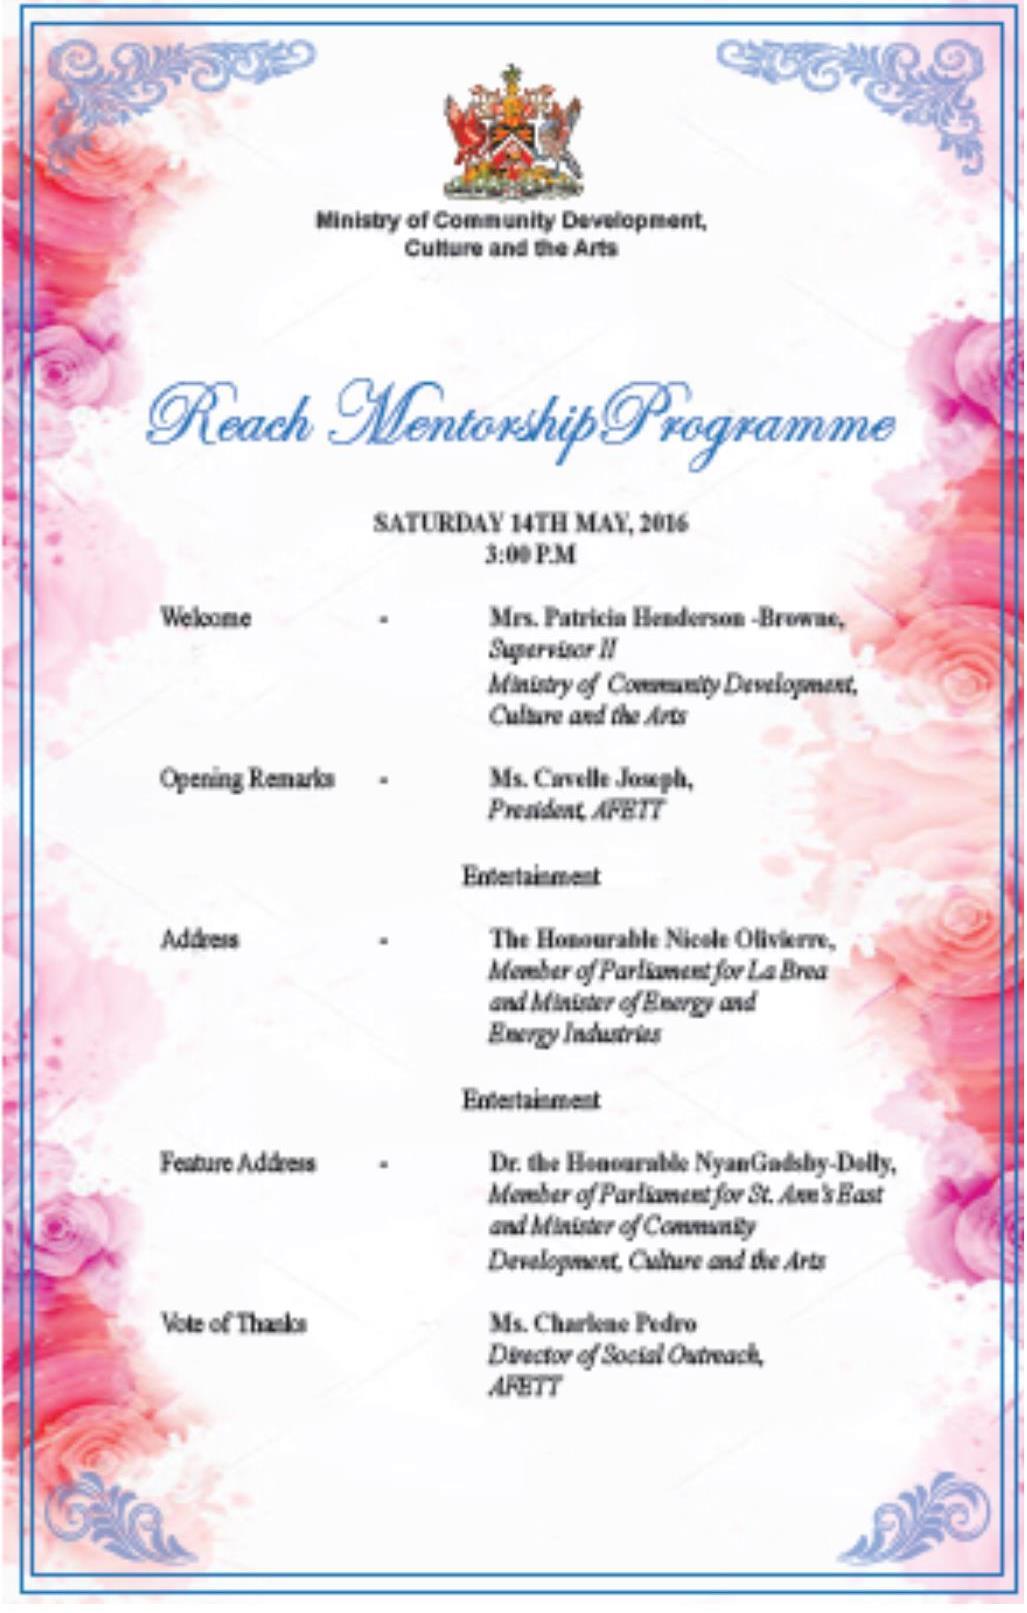 Ministry Mentorship Ceremony Programme